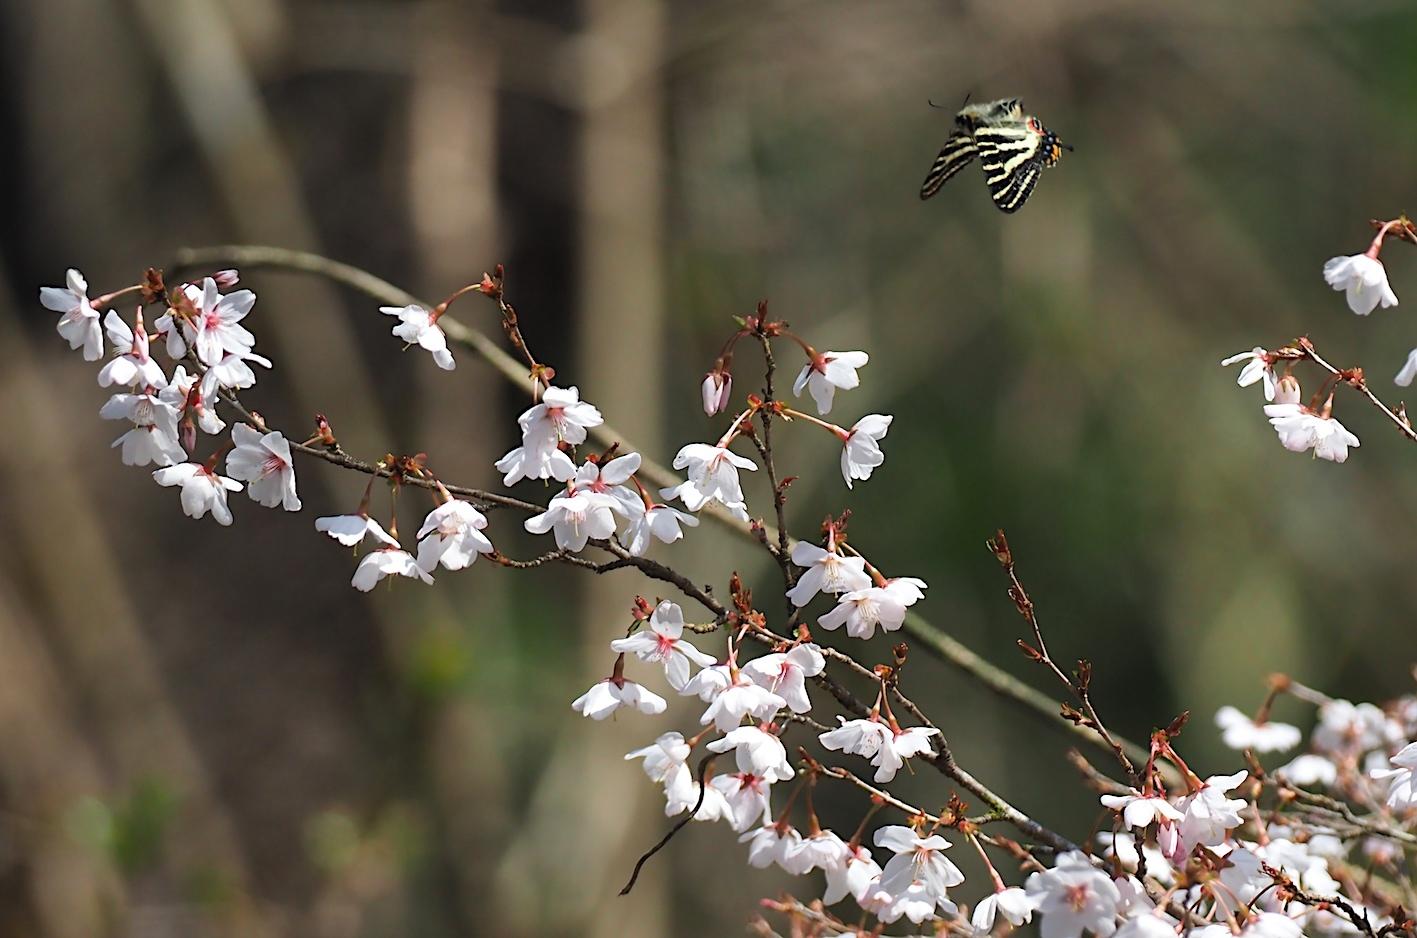 春の女神ギフチョウ、飛翔シーンの部(2020年4月2日)_d0303129_21360946.jpg